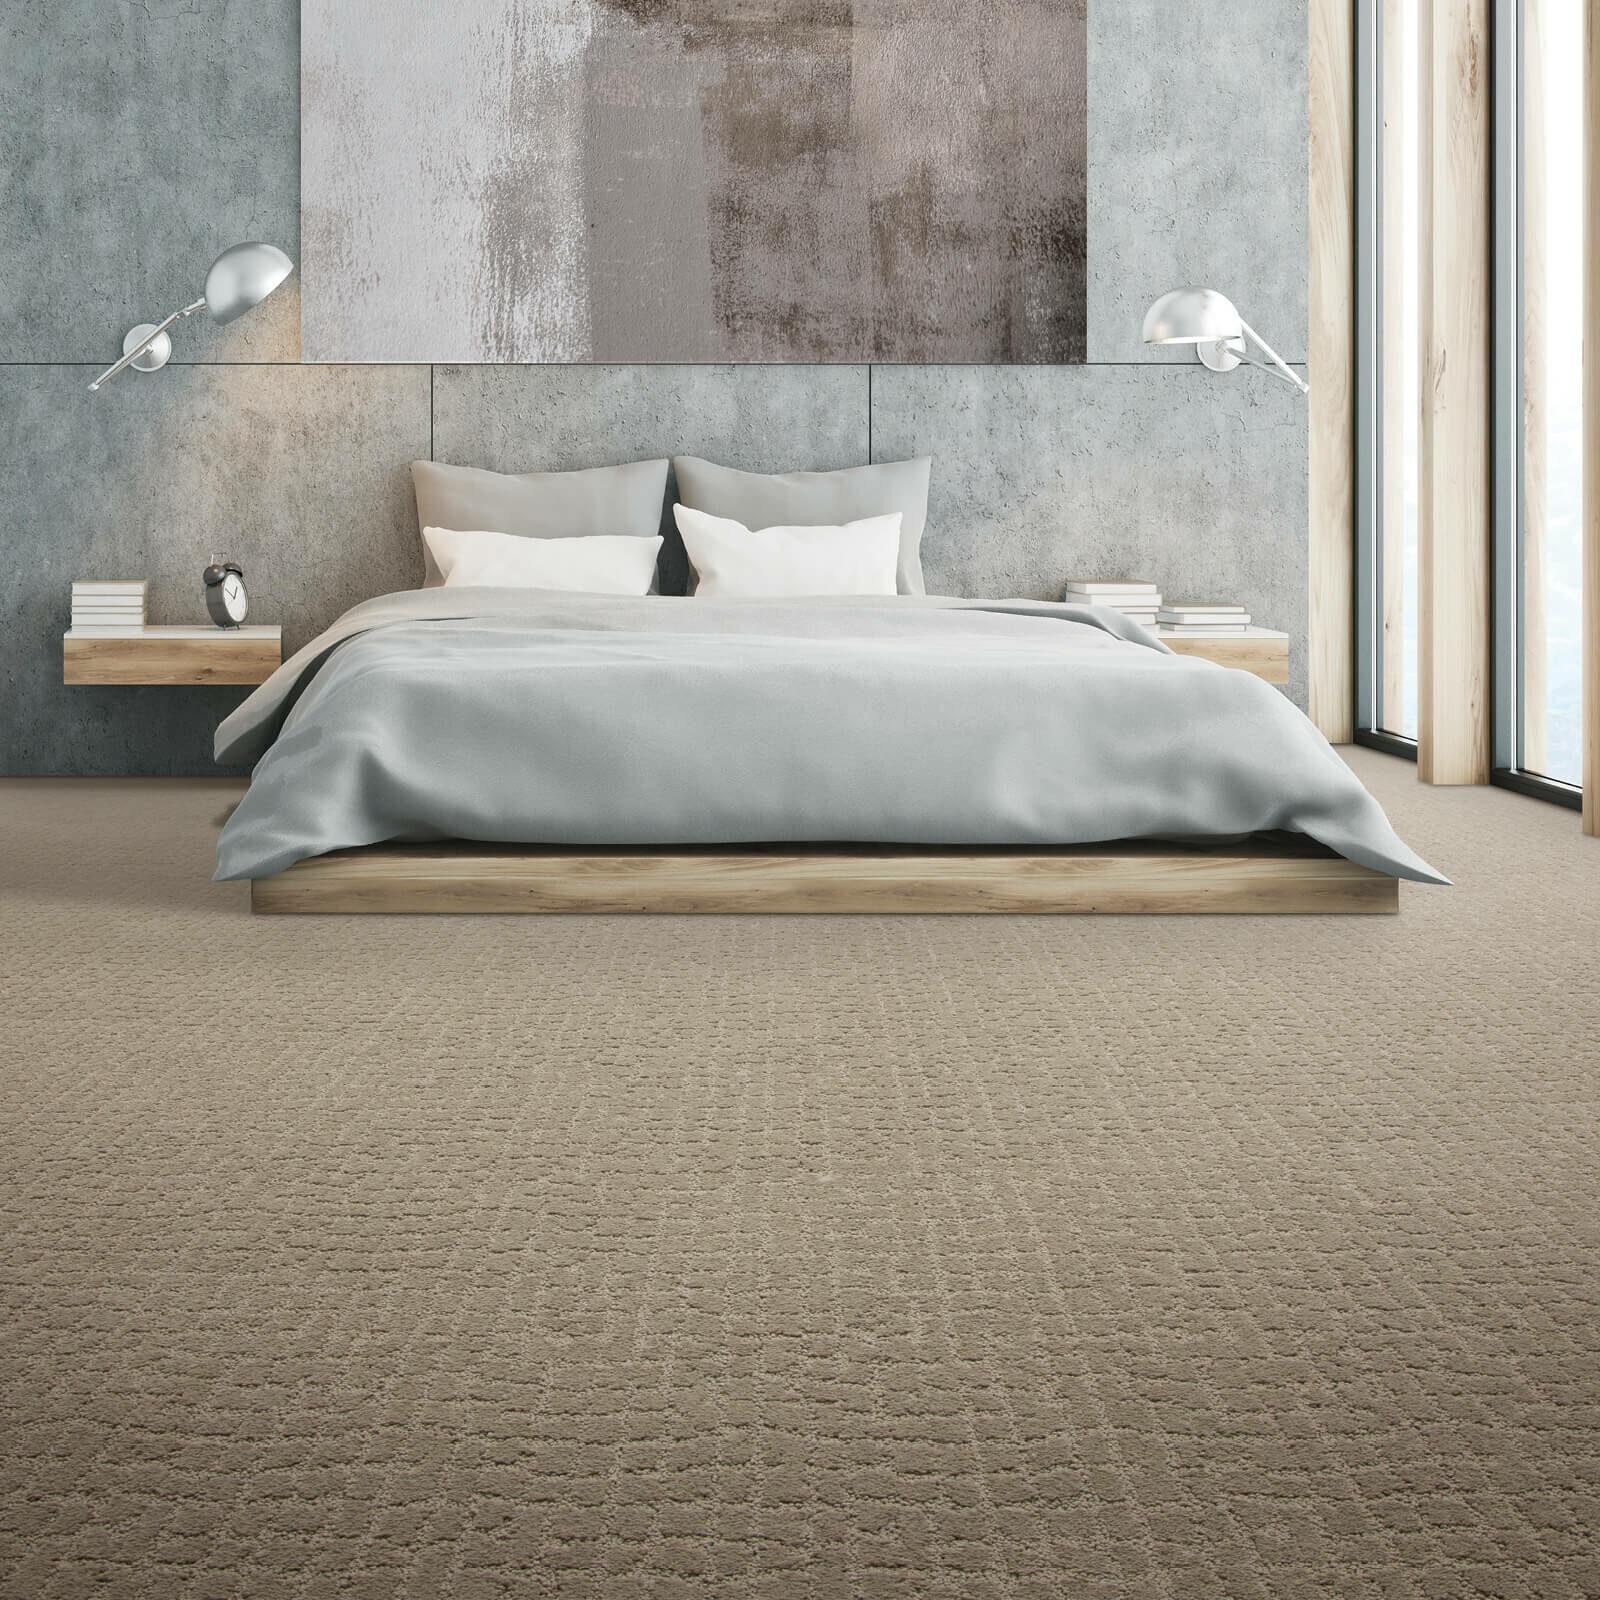 mohawk exquisite carpet   Dolphin Carpet & Tile